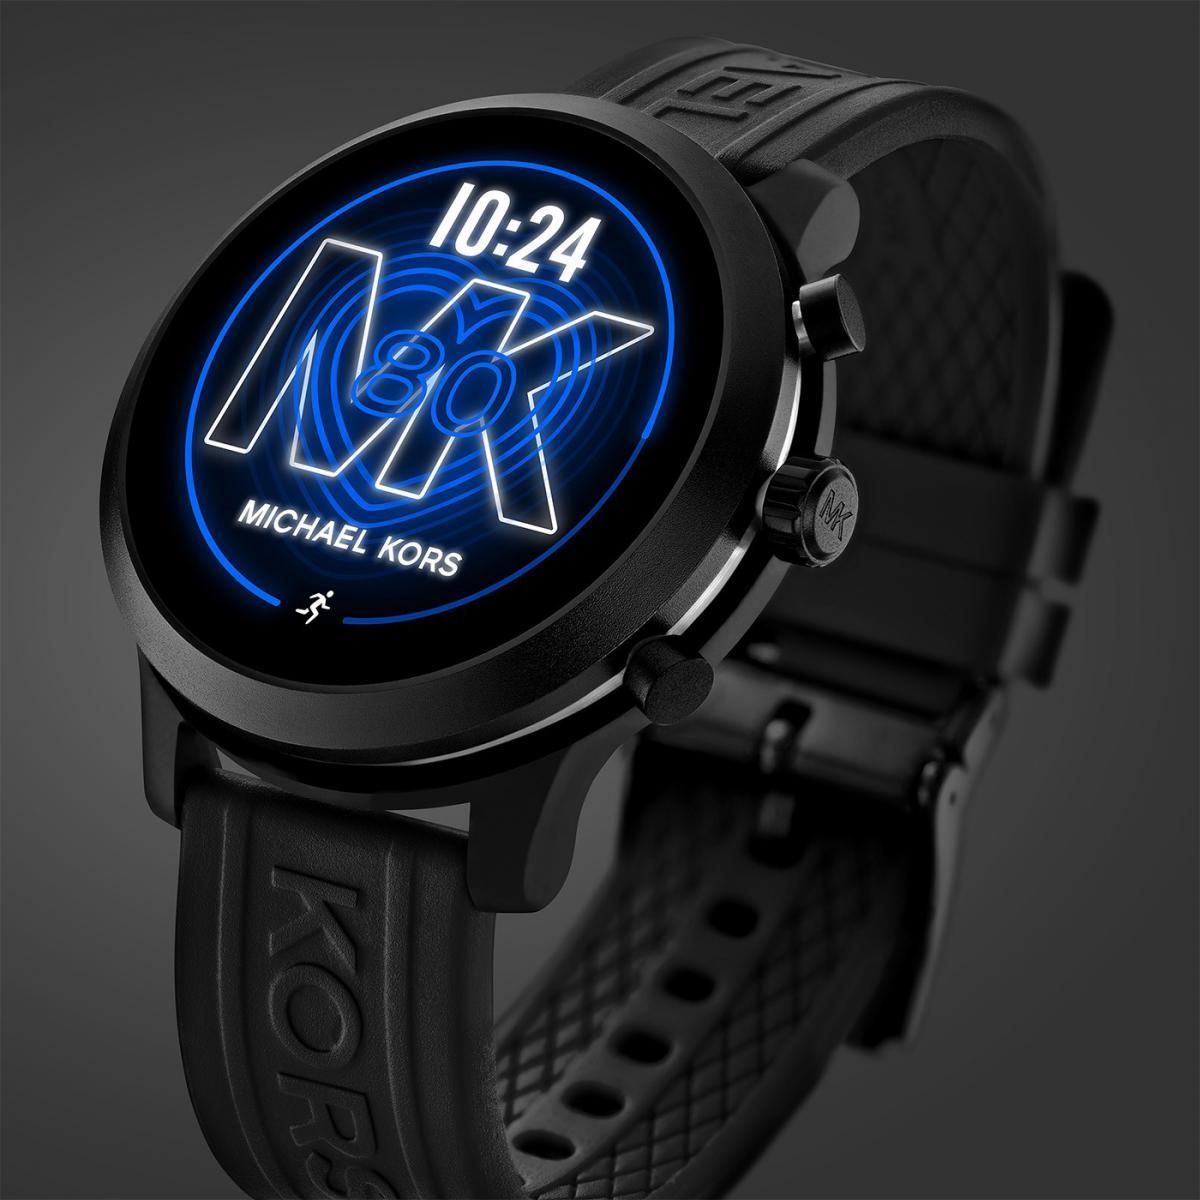 Montre Michael Kors MKT5072 - Connectée Full Display MK GO Boîtier  Aluminium Noir Bracelet Silicone Noir Femme